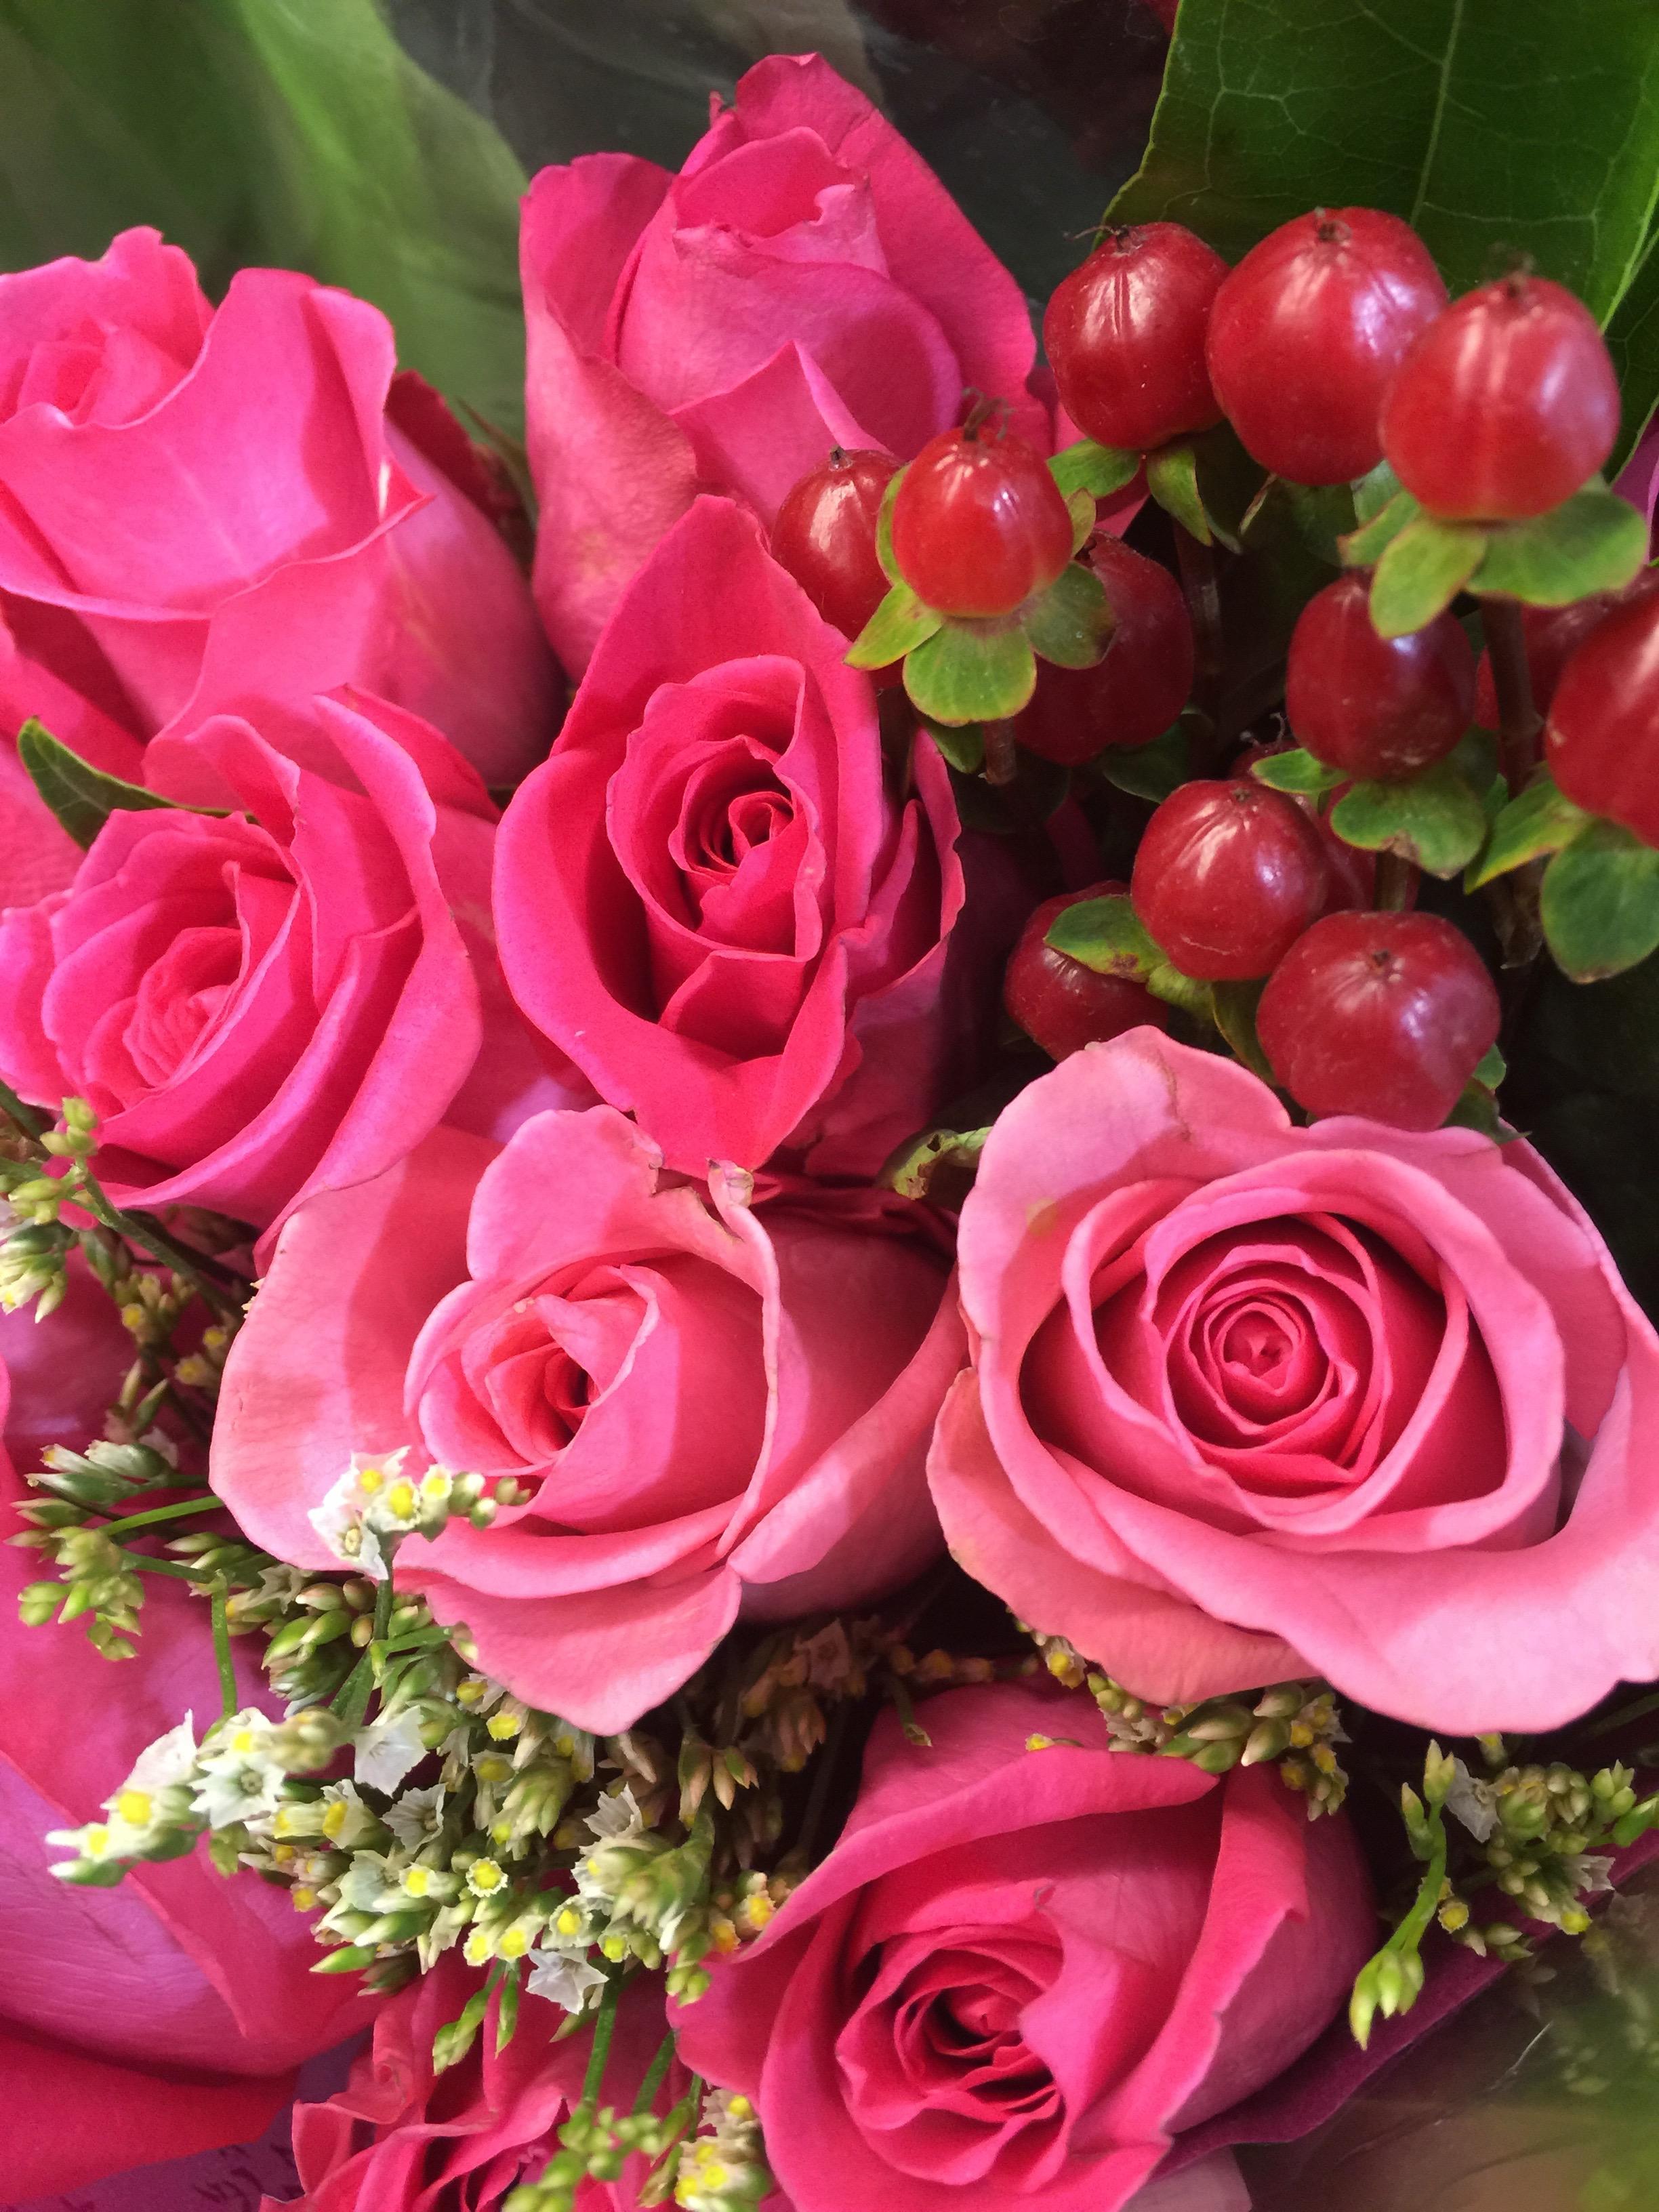 сборник коротких очень красивый букет цветов смотреть в картинках при заливке страдает